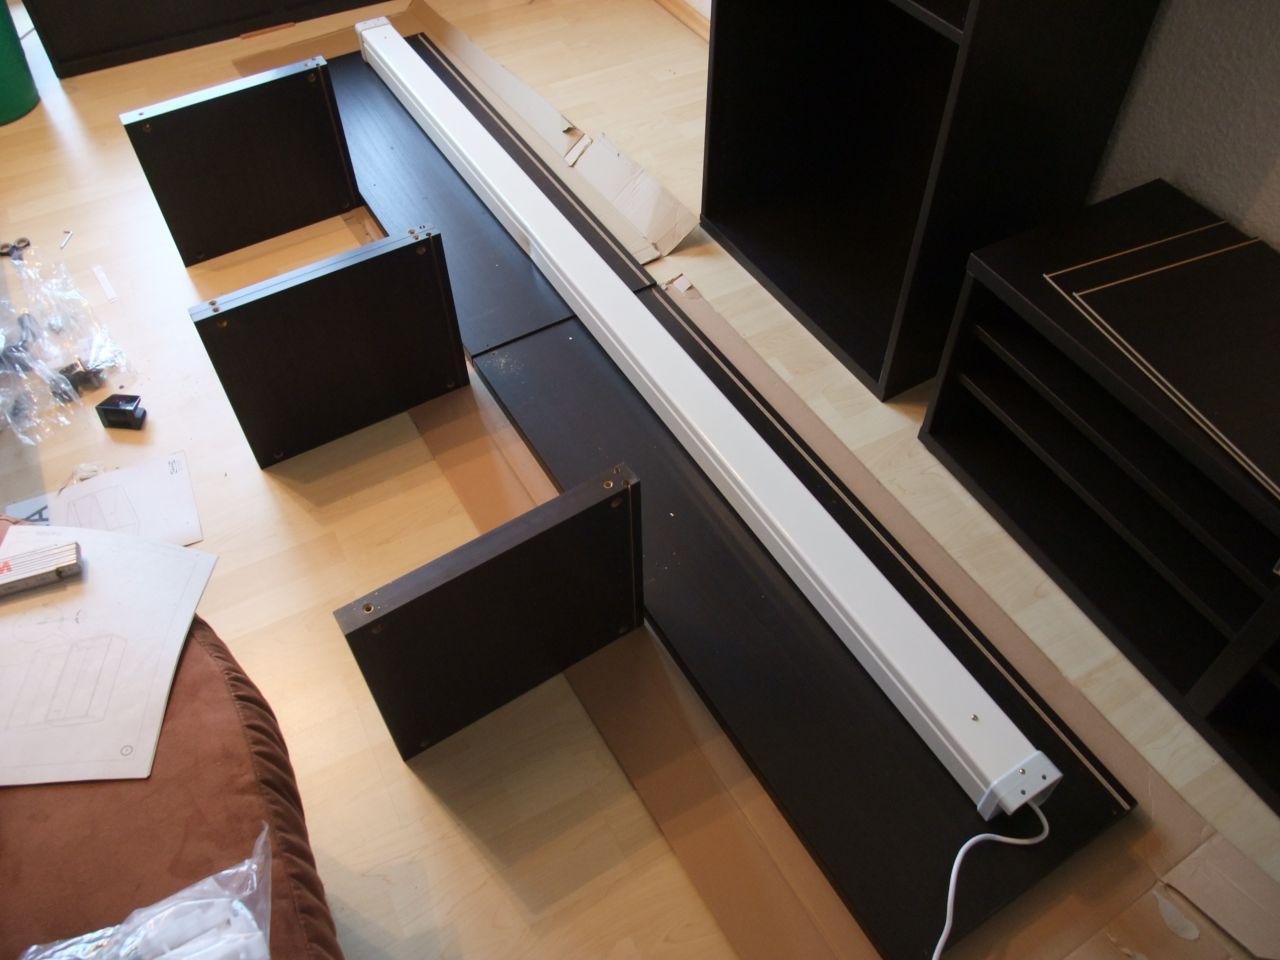 Kabelbox Ikea kabel verstecken ikea swalif